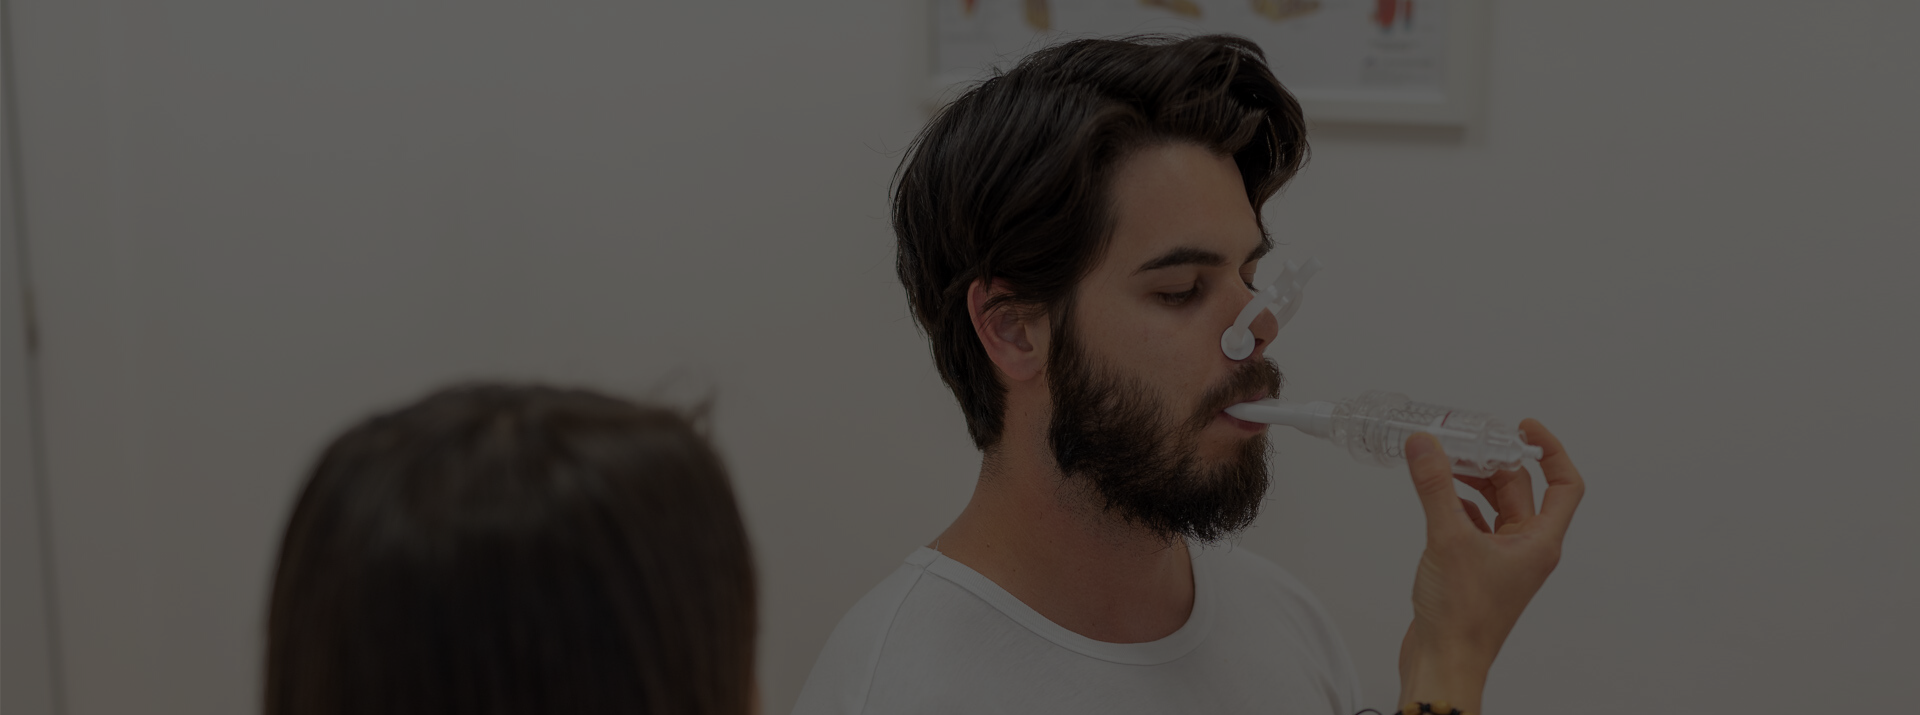 Respiračná fyzioterapia